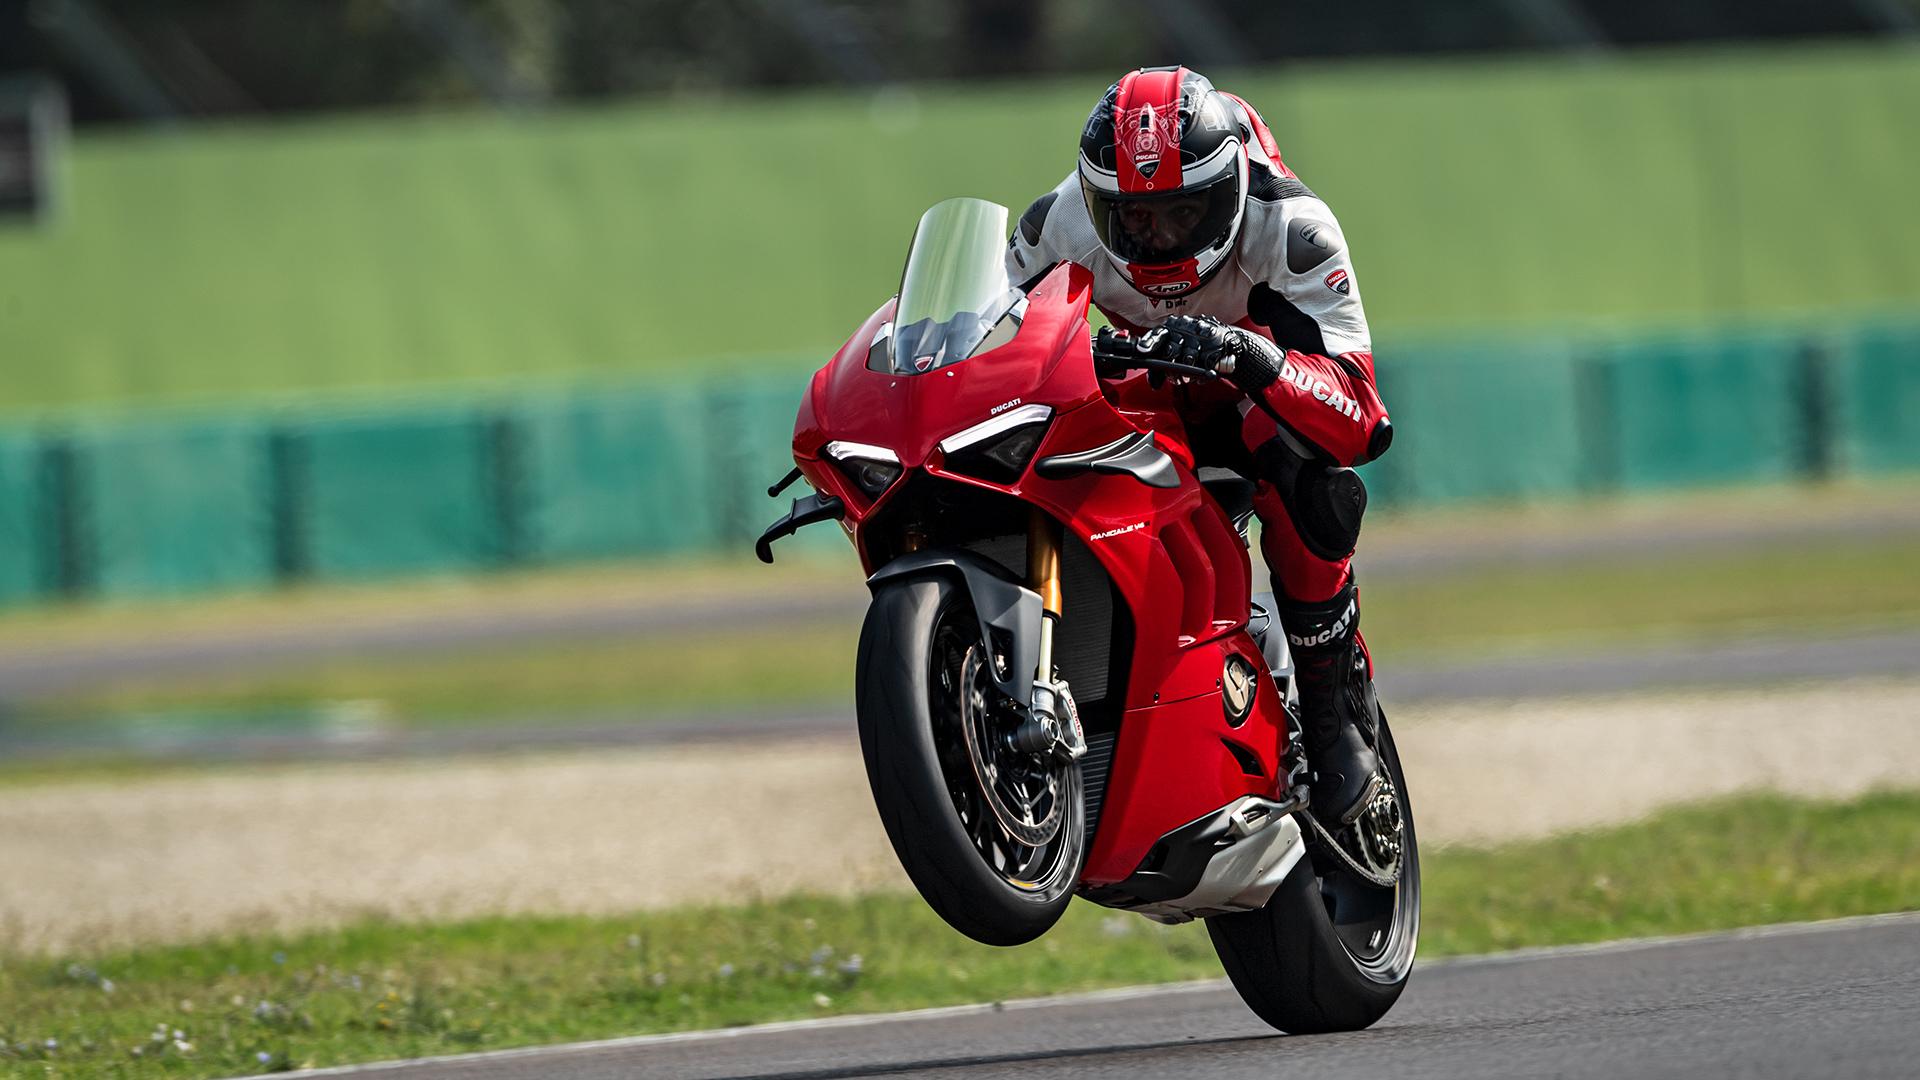 Ducati Panigale V4S in rot auf der Rennstrecke